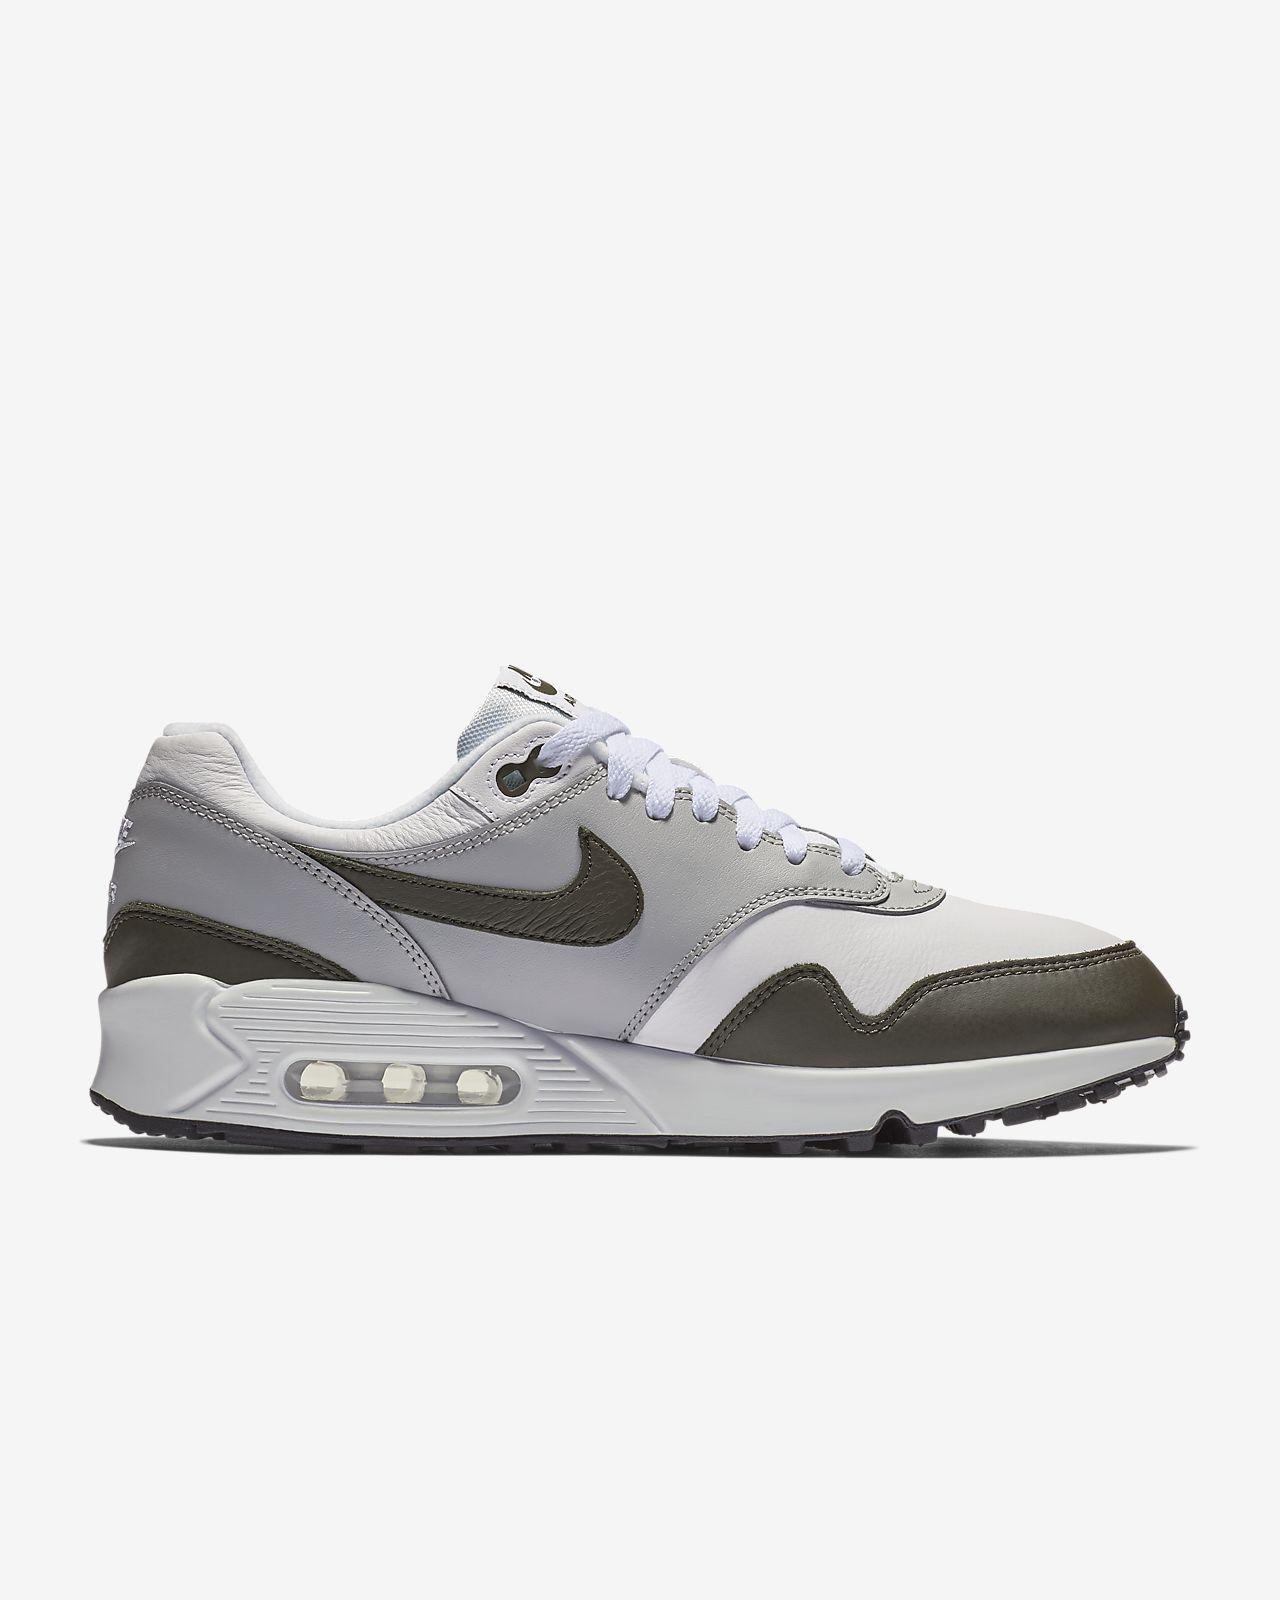 0f42625ae1 Nike Air Max 90/1 Men's Shoe. Nike.com AT